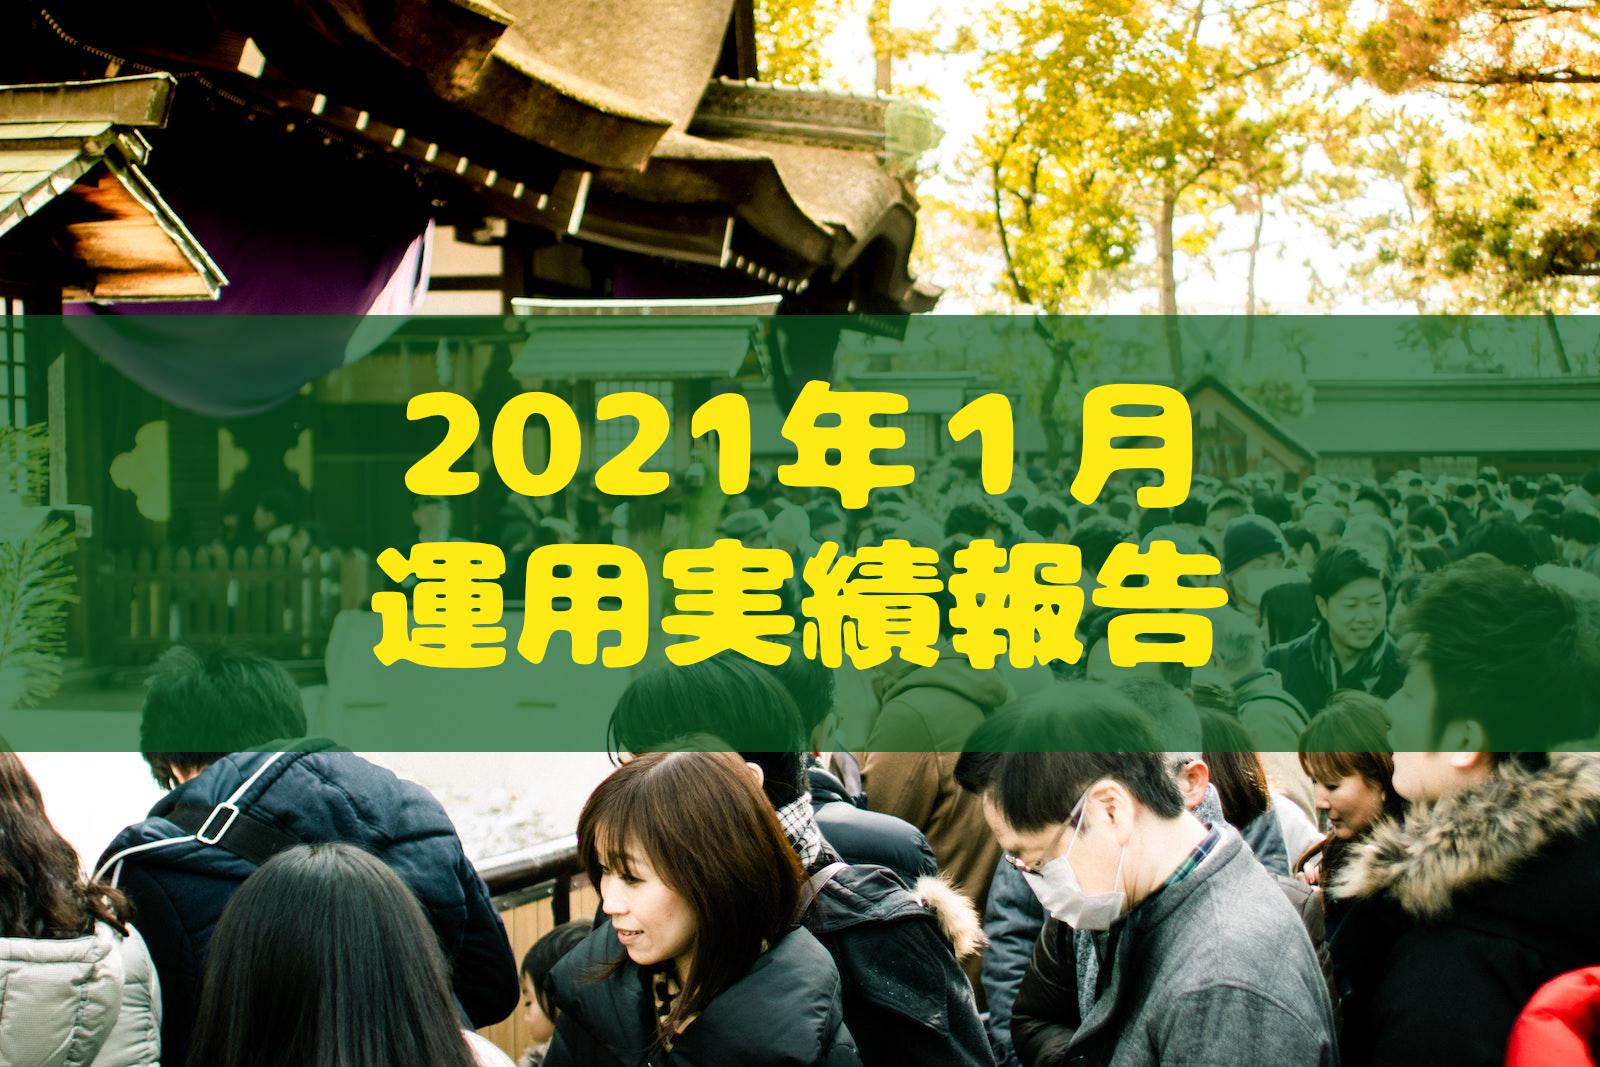 2021年運用実績報告